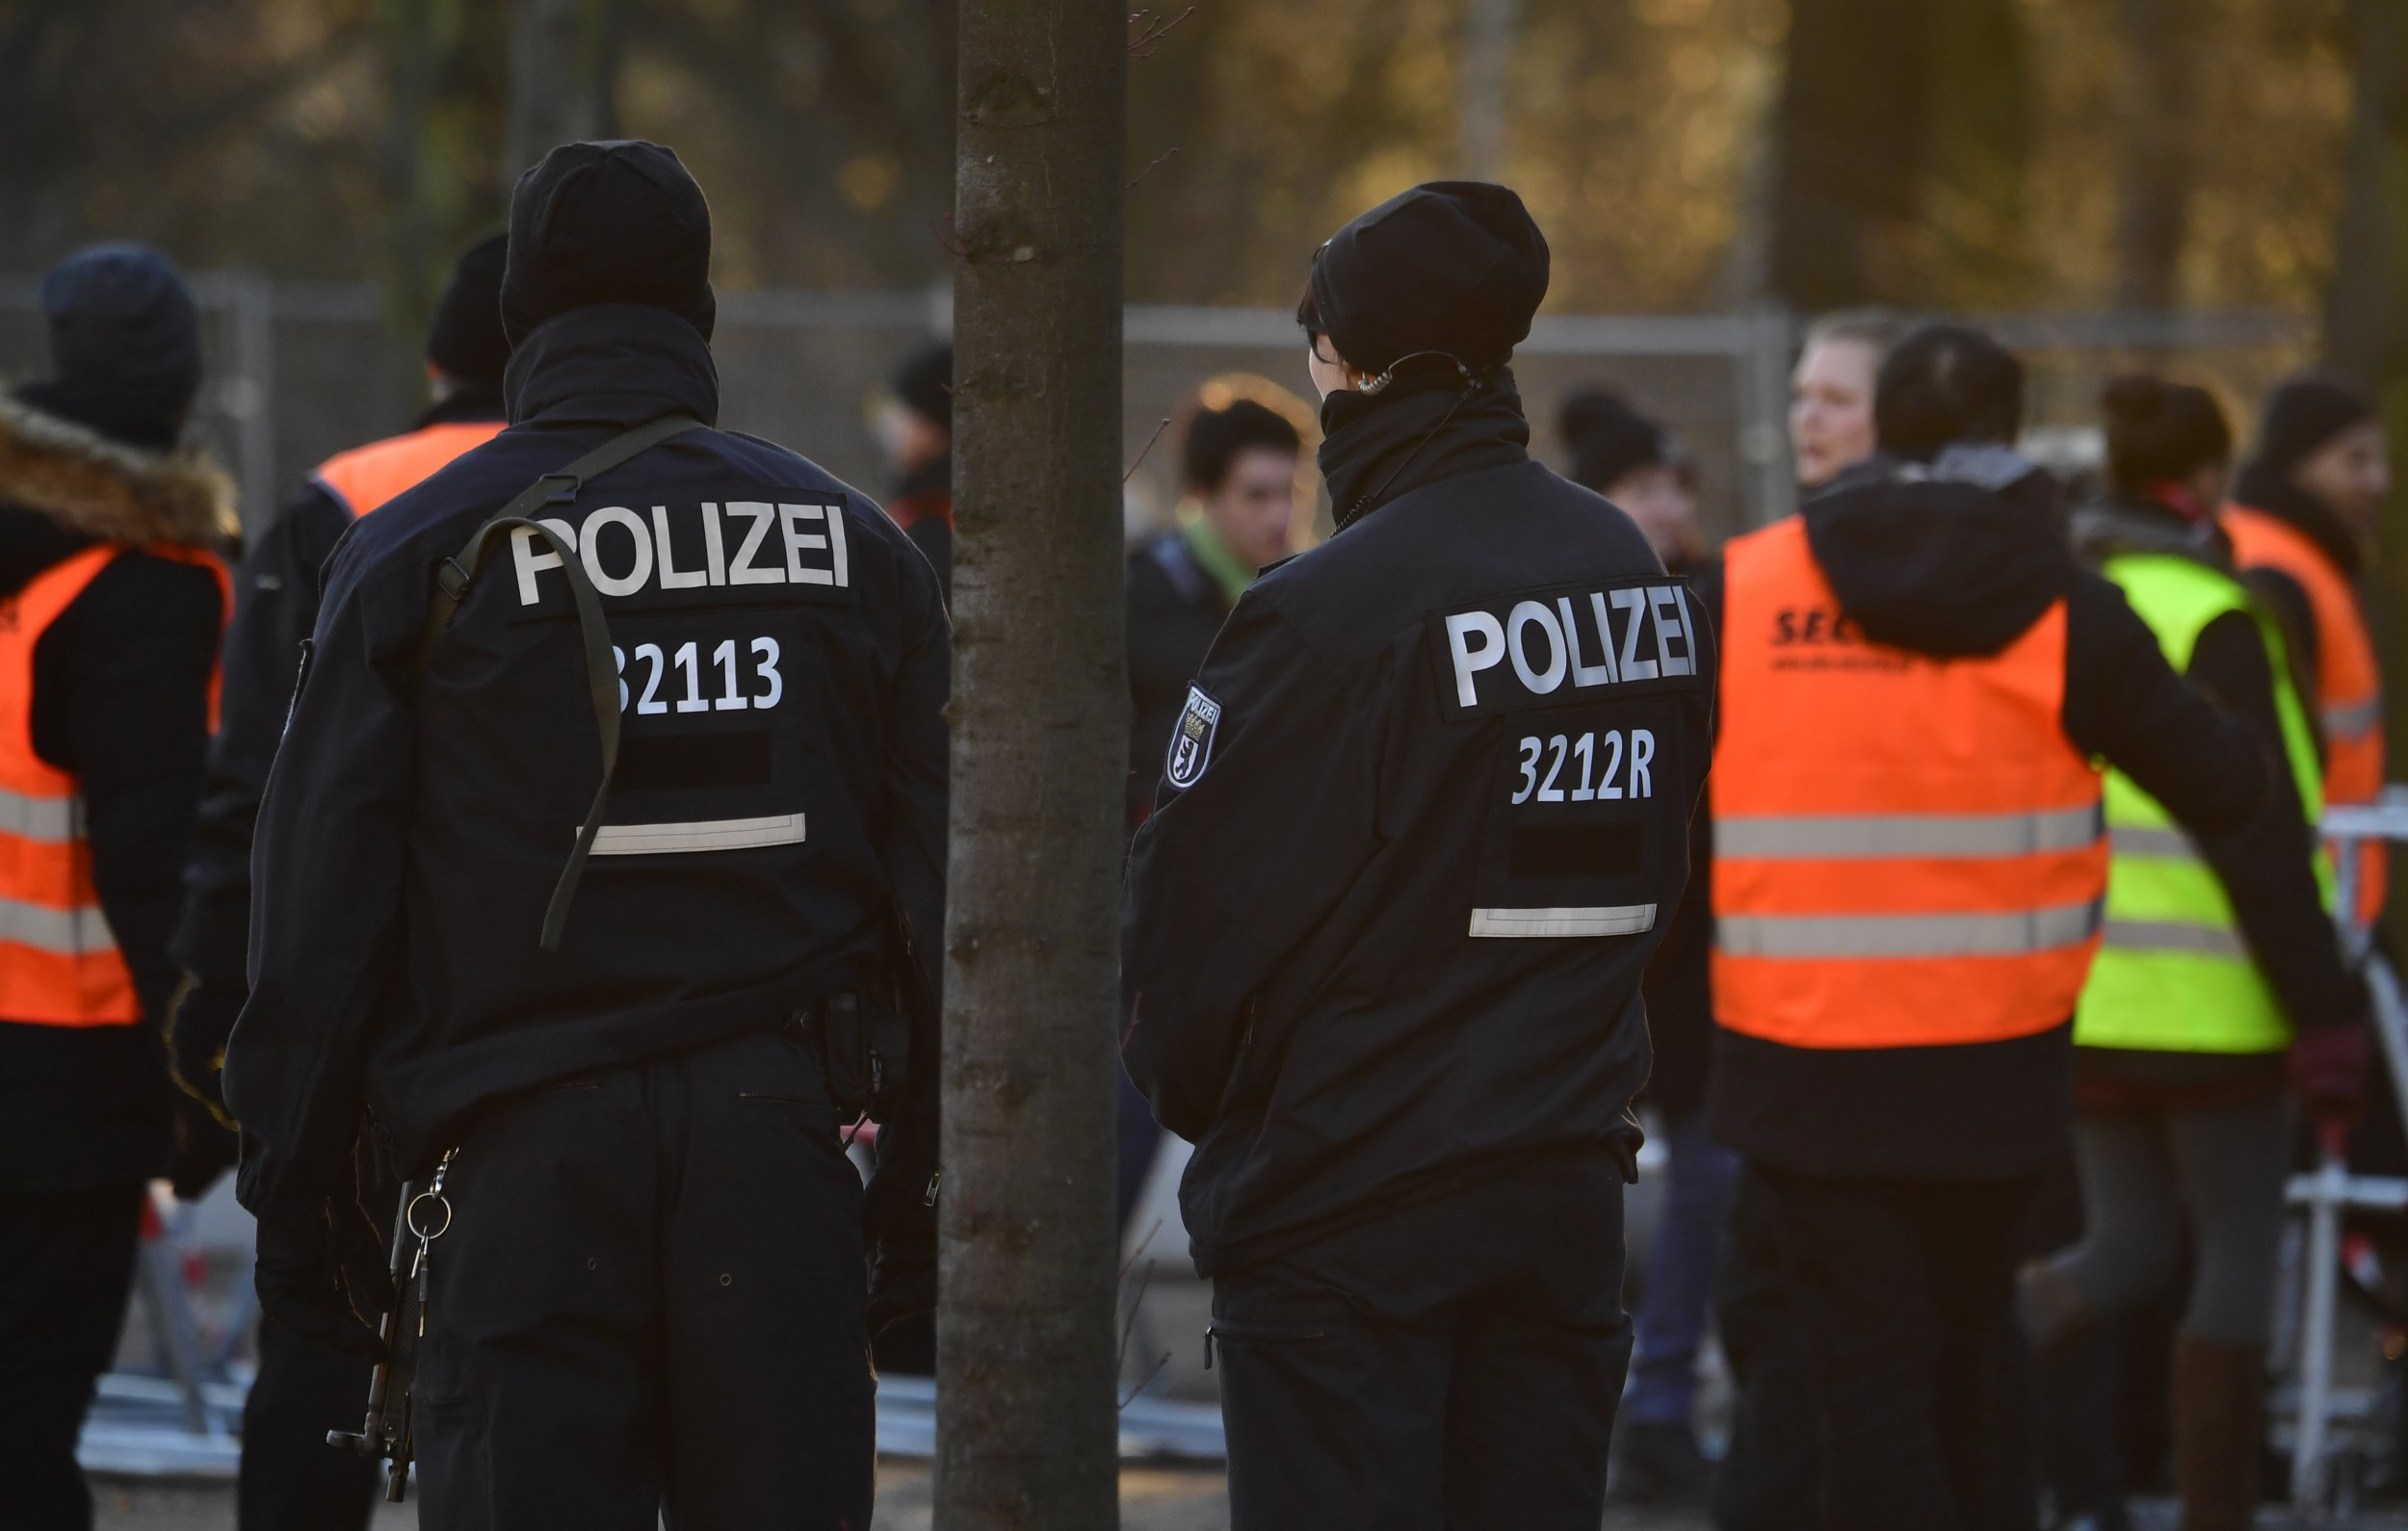 Berlin security